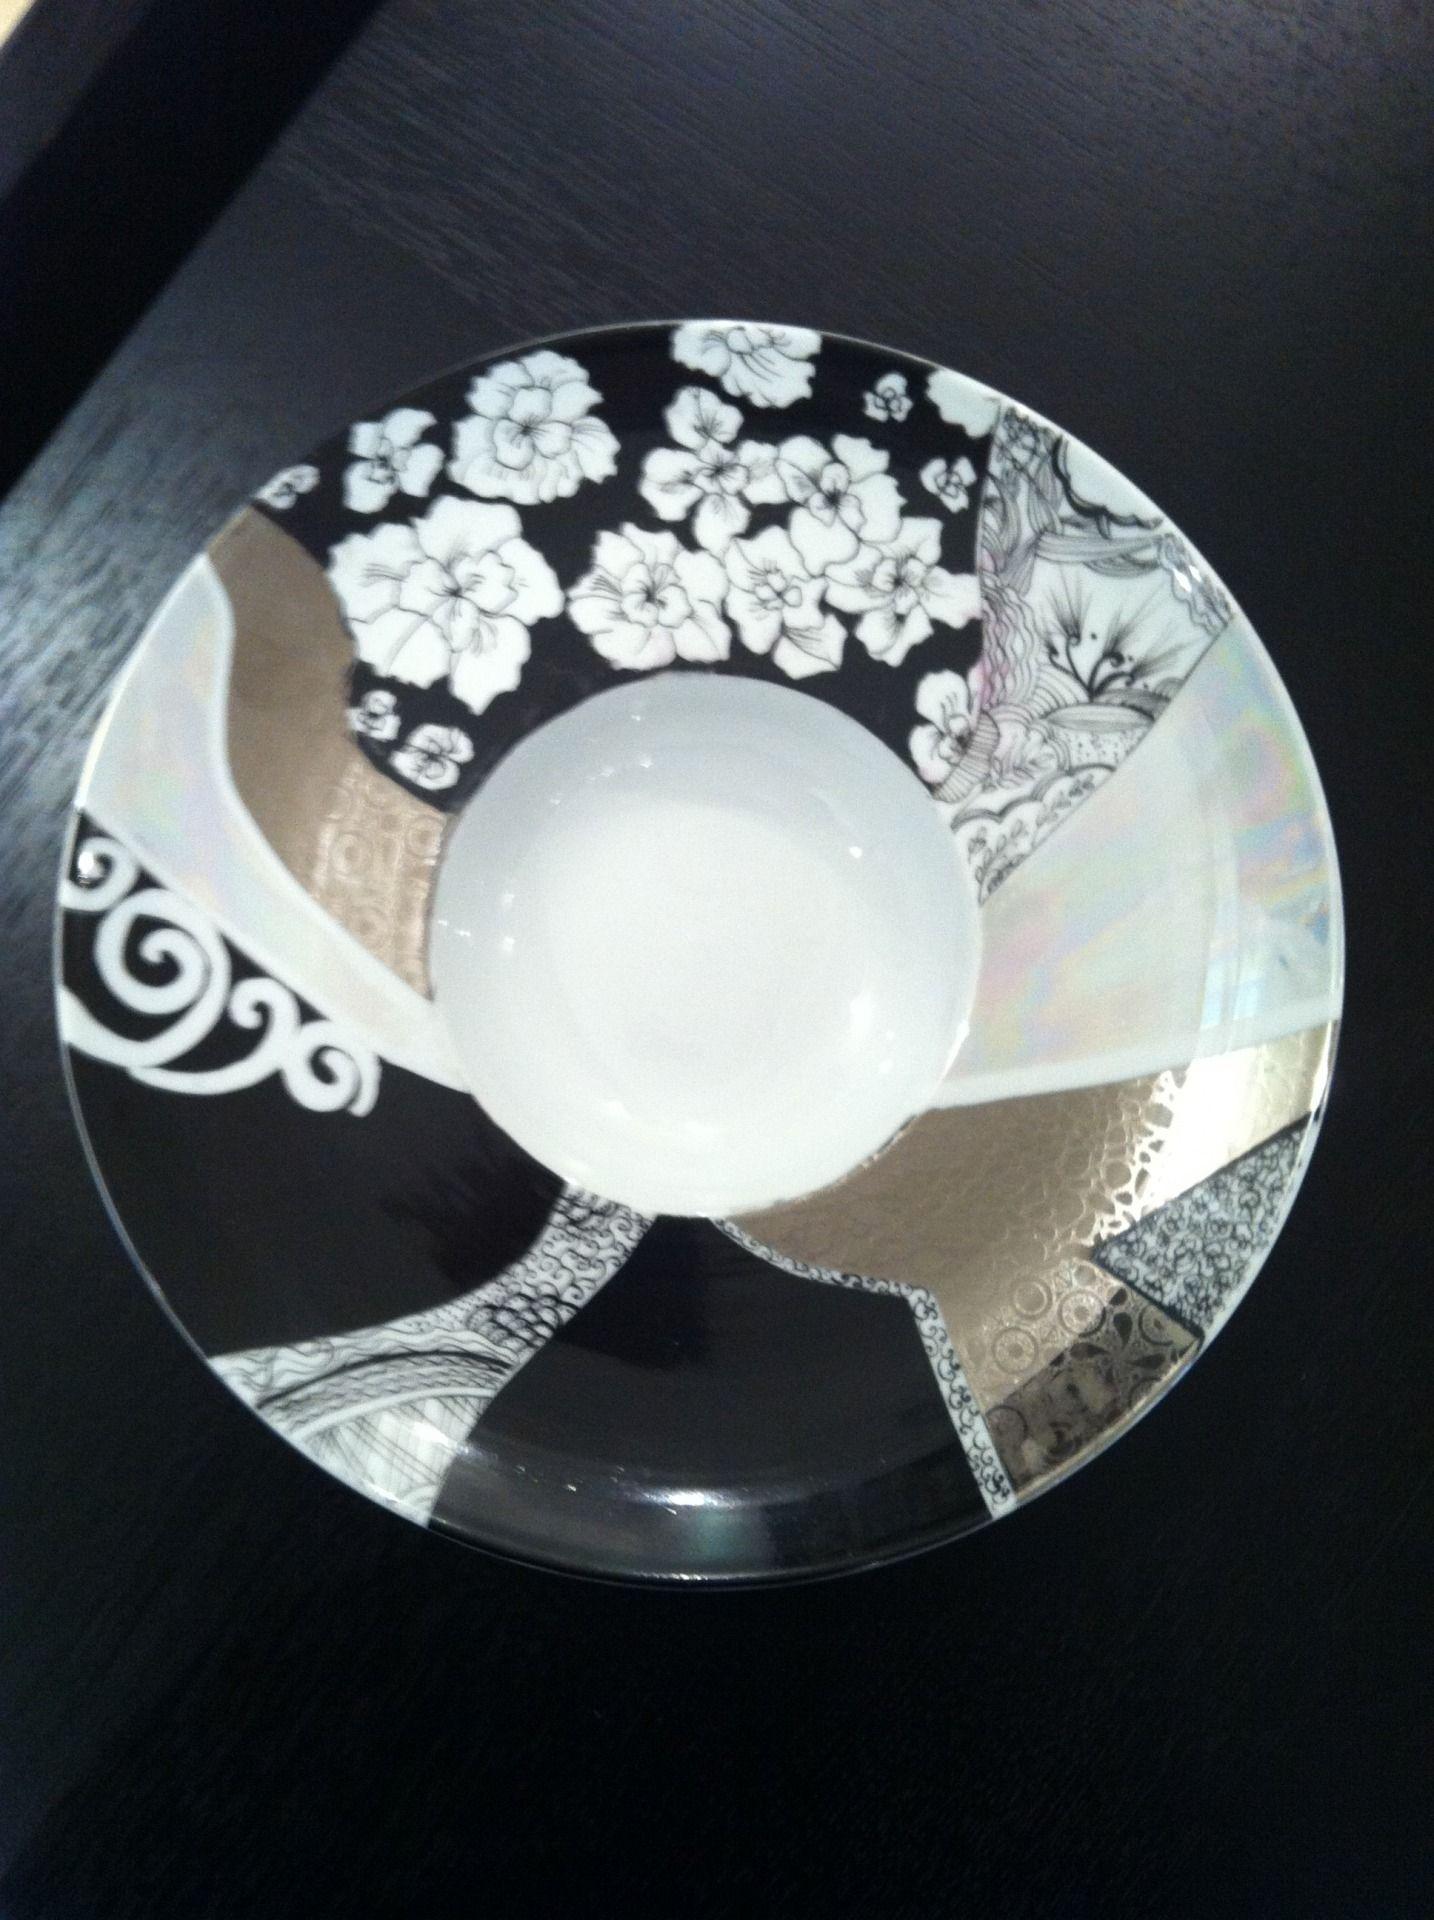 peinture sur porcelaine peintures par atelier de dikris peinture sur porcelaine pinterest. Black Bedroom Furniture Sets. Home Design Ideas